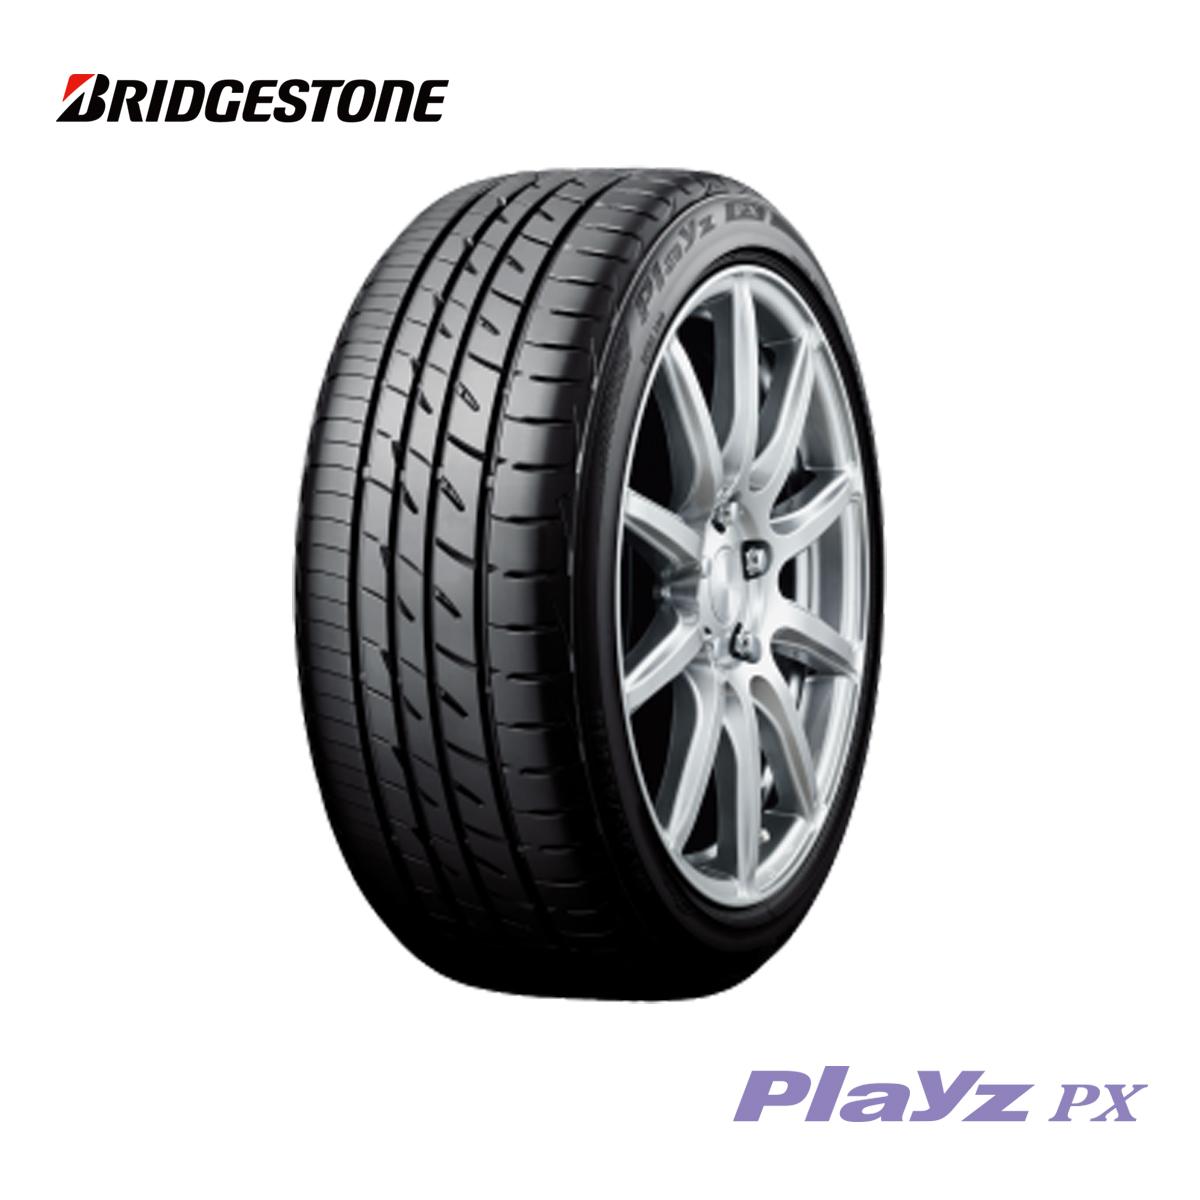 ブリヂストン BS 18インチ タイヤ 245/40R18 245 40 18 97W XL プレイズ サマー タイヤ 4本 97W XL 低燃費 エコ 夏 セダン クーペ BRIDGESTONE Playz PX